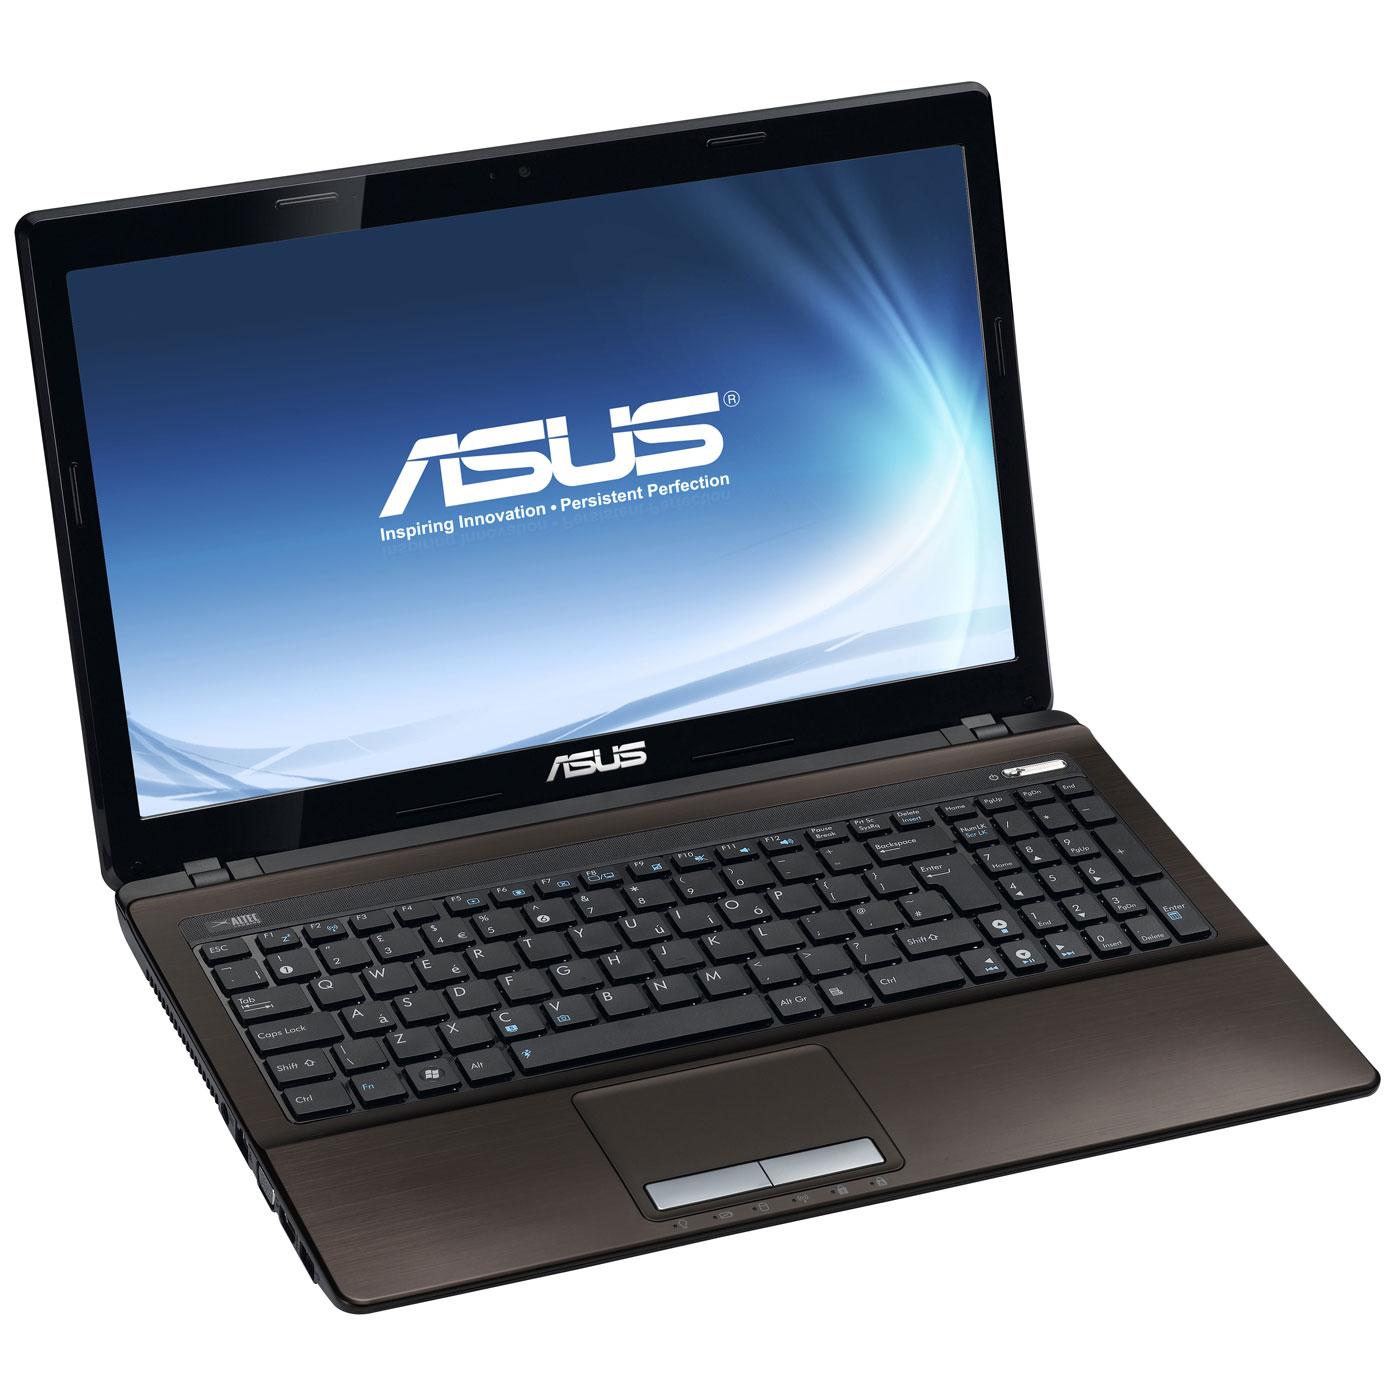 """PC portable ASUS K53SD-SX596V Marron Intel Core i5-2450M 4 Go 750 Go 15.6"""" LED NVIDIA GeForce GT 610M Graveur DVD Wi-Fi N/Bluetooth Webcam Windows 7 Premium 64 bits (garantie constructeur 2 ans)"""